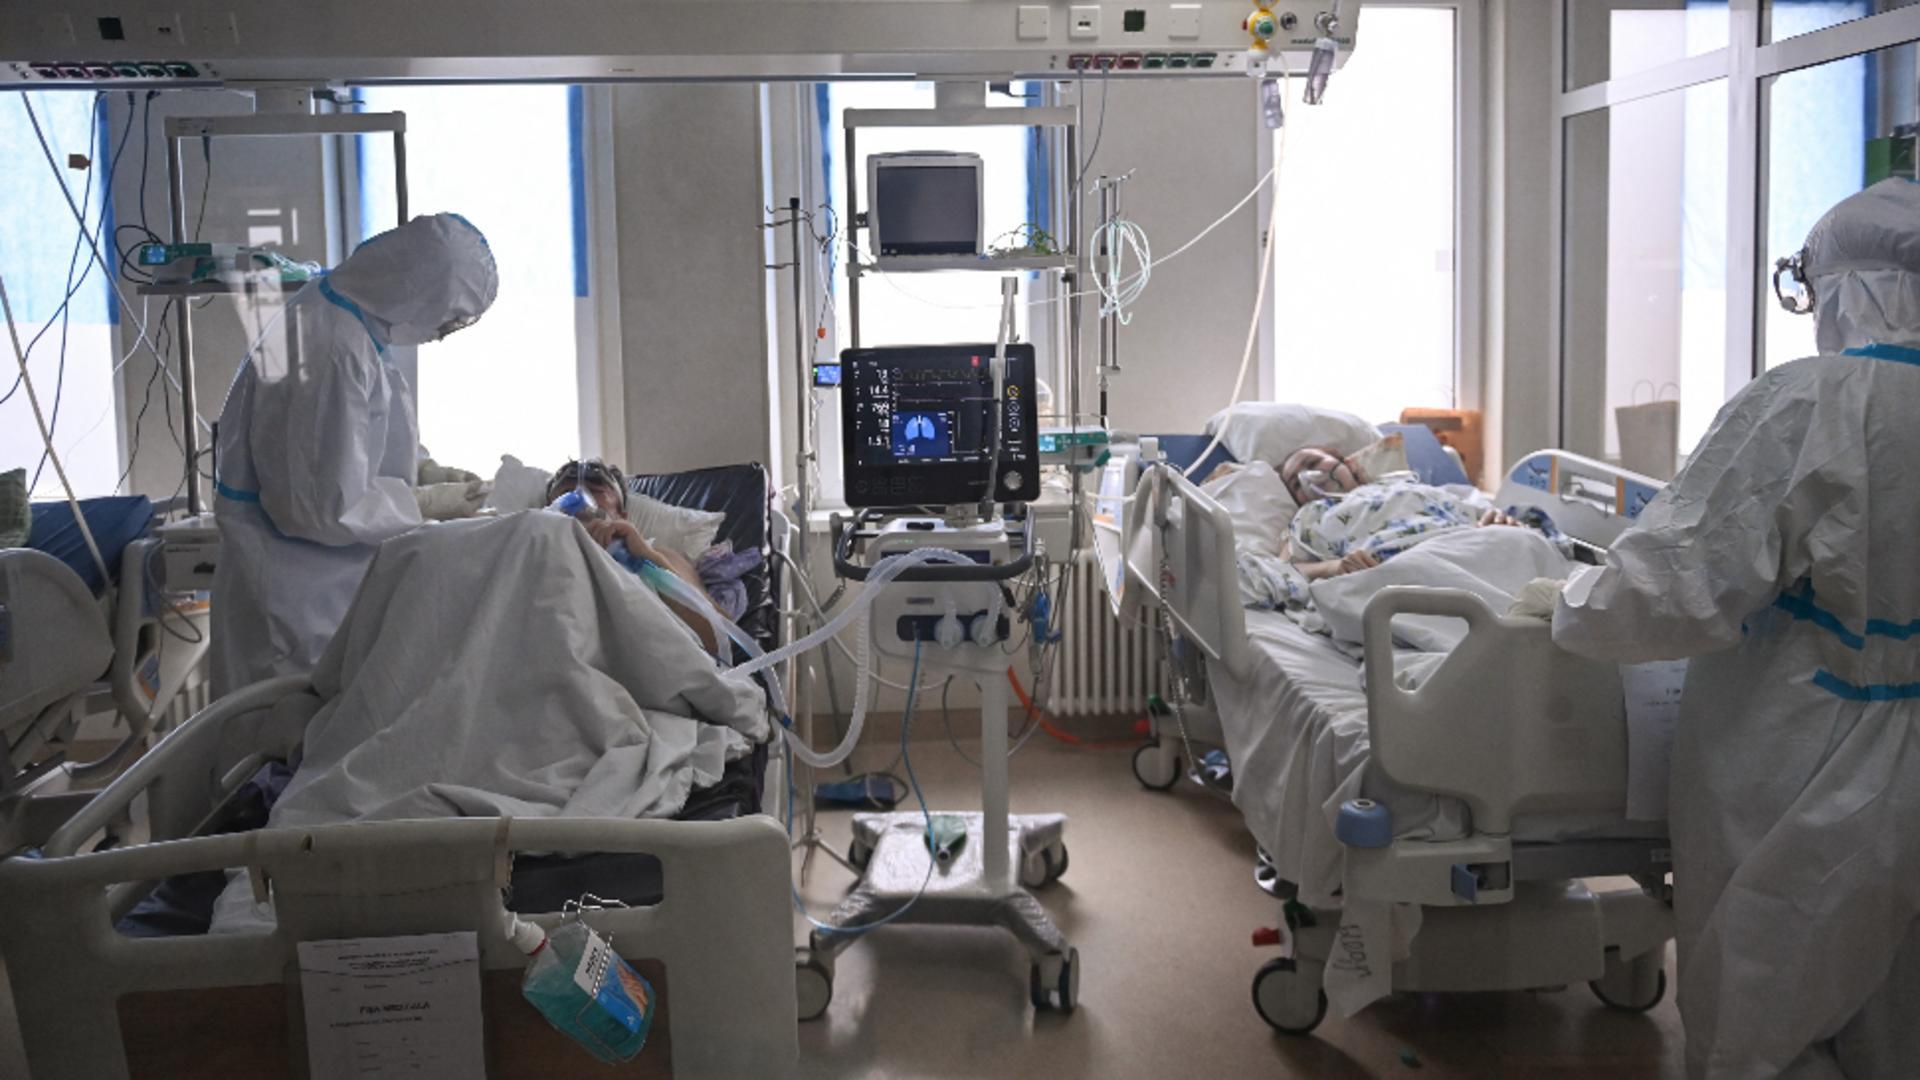 Spitalul Judeţean Ilfov suplimentează paturile pentru pacienţii cu COVID / FOTO: Profi Media